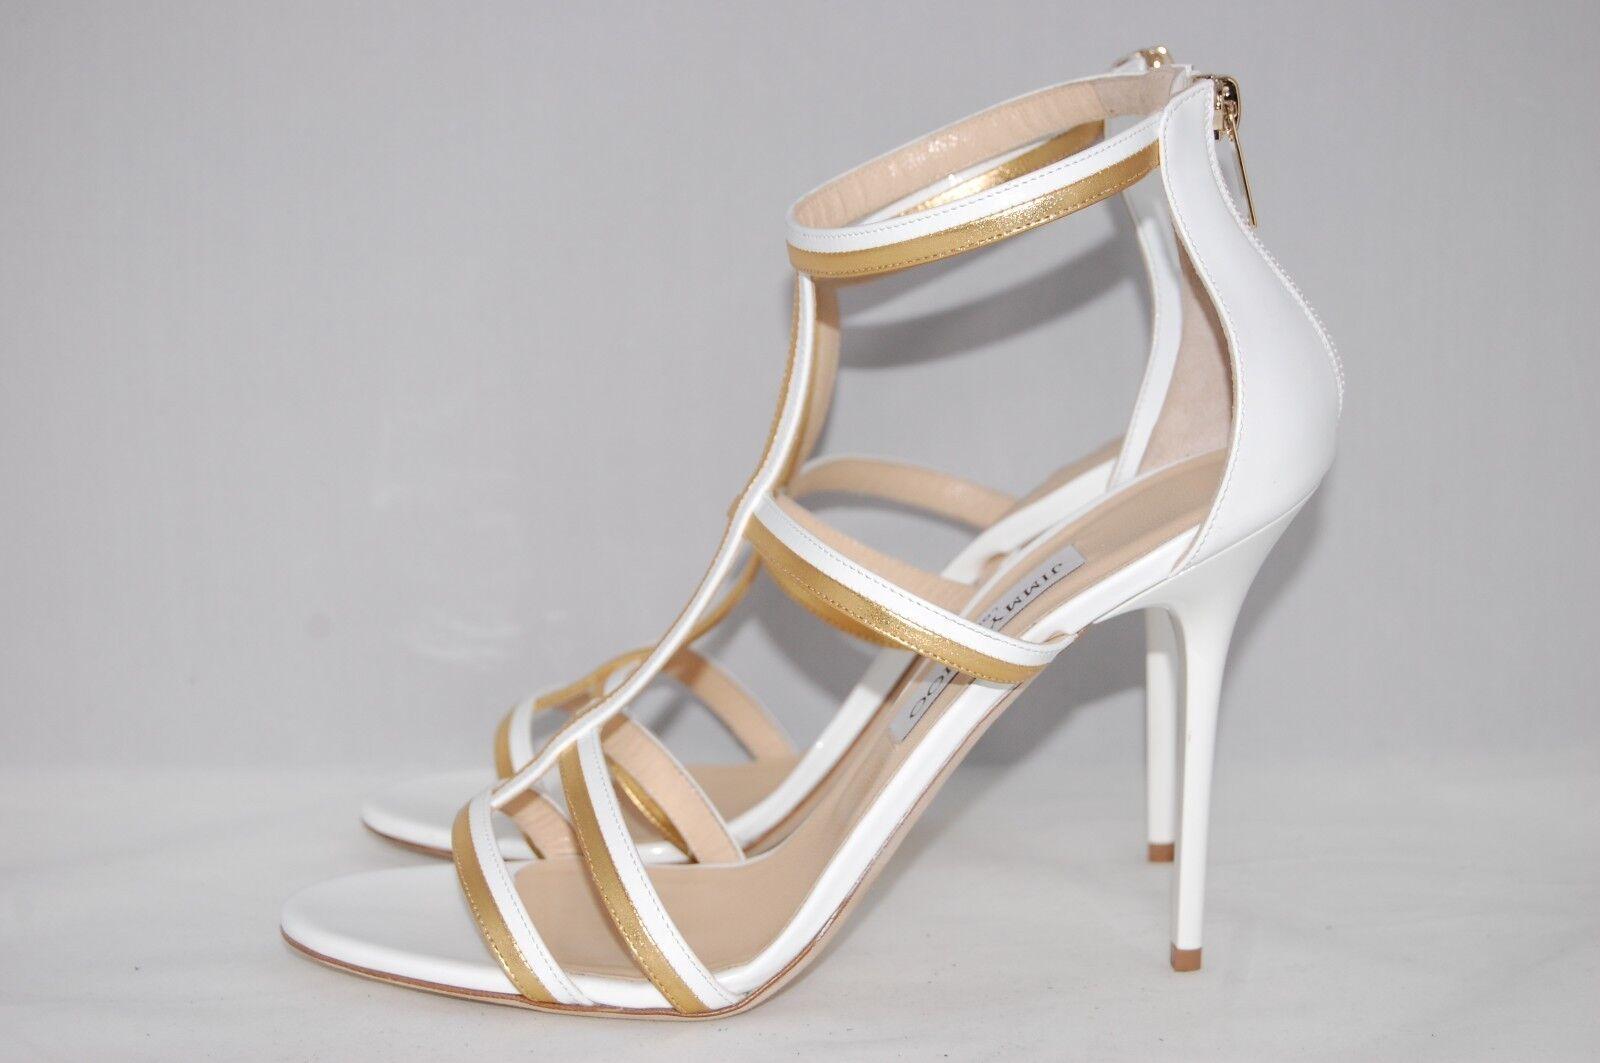 Nuovo  795 JIMY CHOO oro Bianco  Thistle T -Strap Rita Ora Sandal Pump scarpe 11 Stati Uniti  80% di sconto